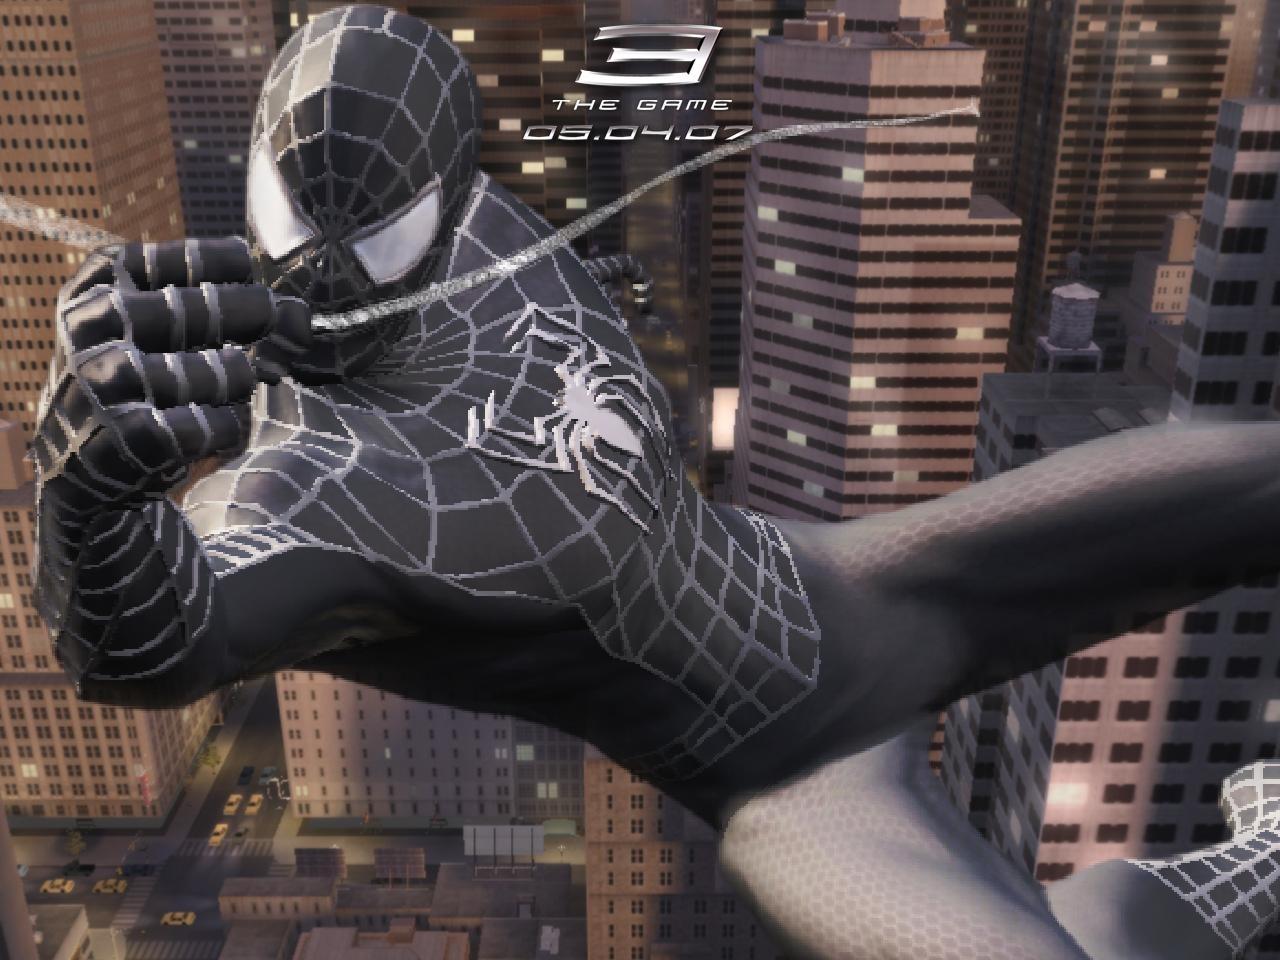 Nous proposons les Jeux de Spiderman les plus cools pour tout le monde.Jouez gratuitement à tous les Jeux de Spiderman gratuitement. Choisissez un jeu dans la catégorie  Spiderman pour y jouer.